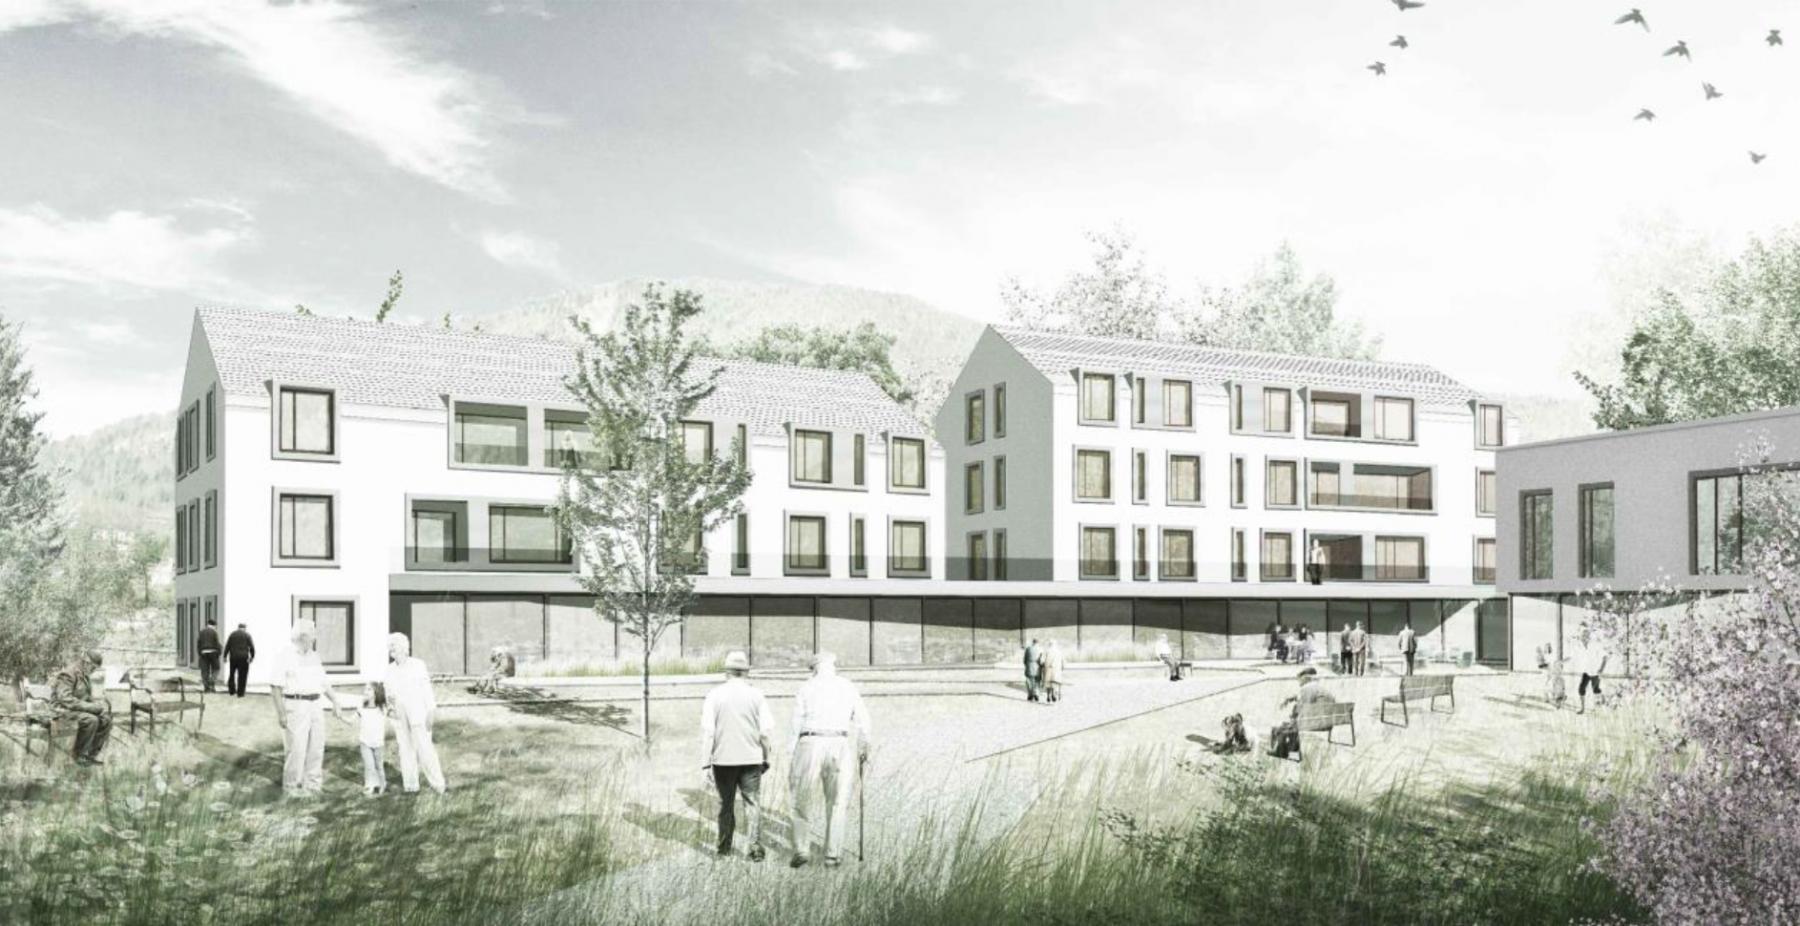 Extension de l'établissement médico-social EMS HOME SALEM à Saint-Légier - La Chiésaz, Groupement d'architectes Cian Nicholl et Philippe Dubost, les Pleiaux